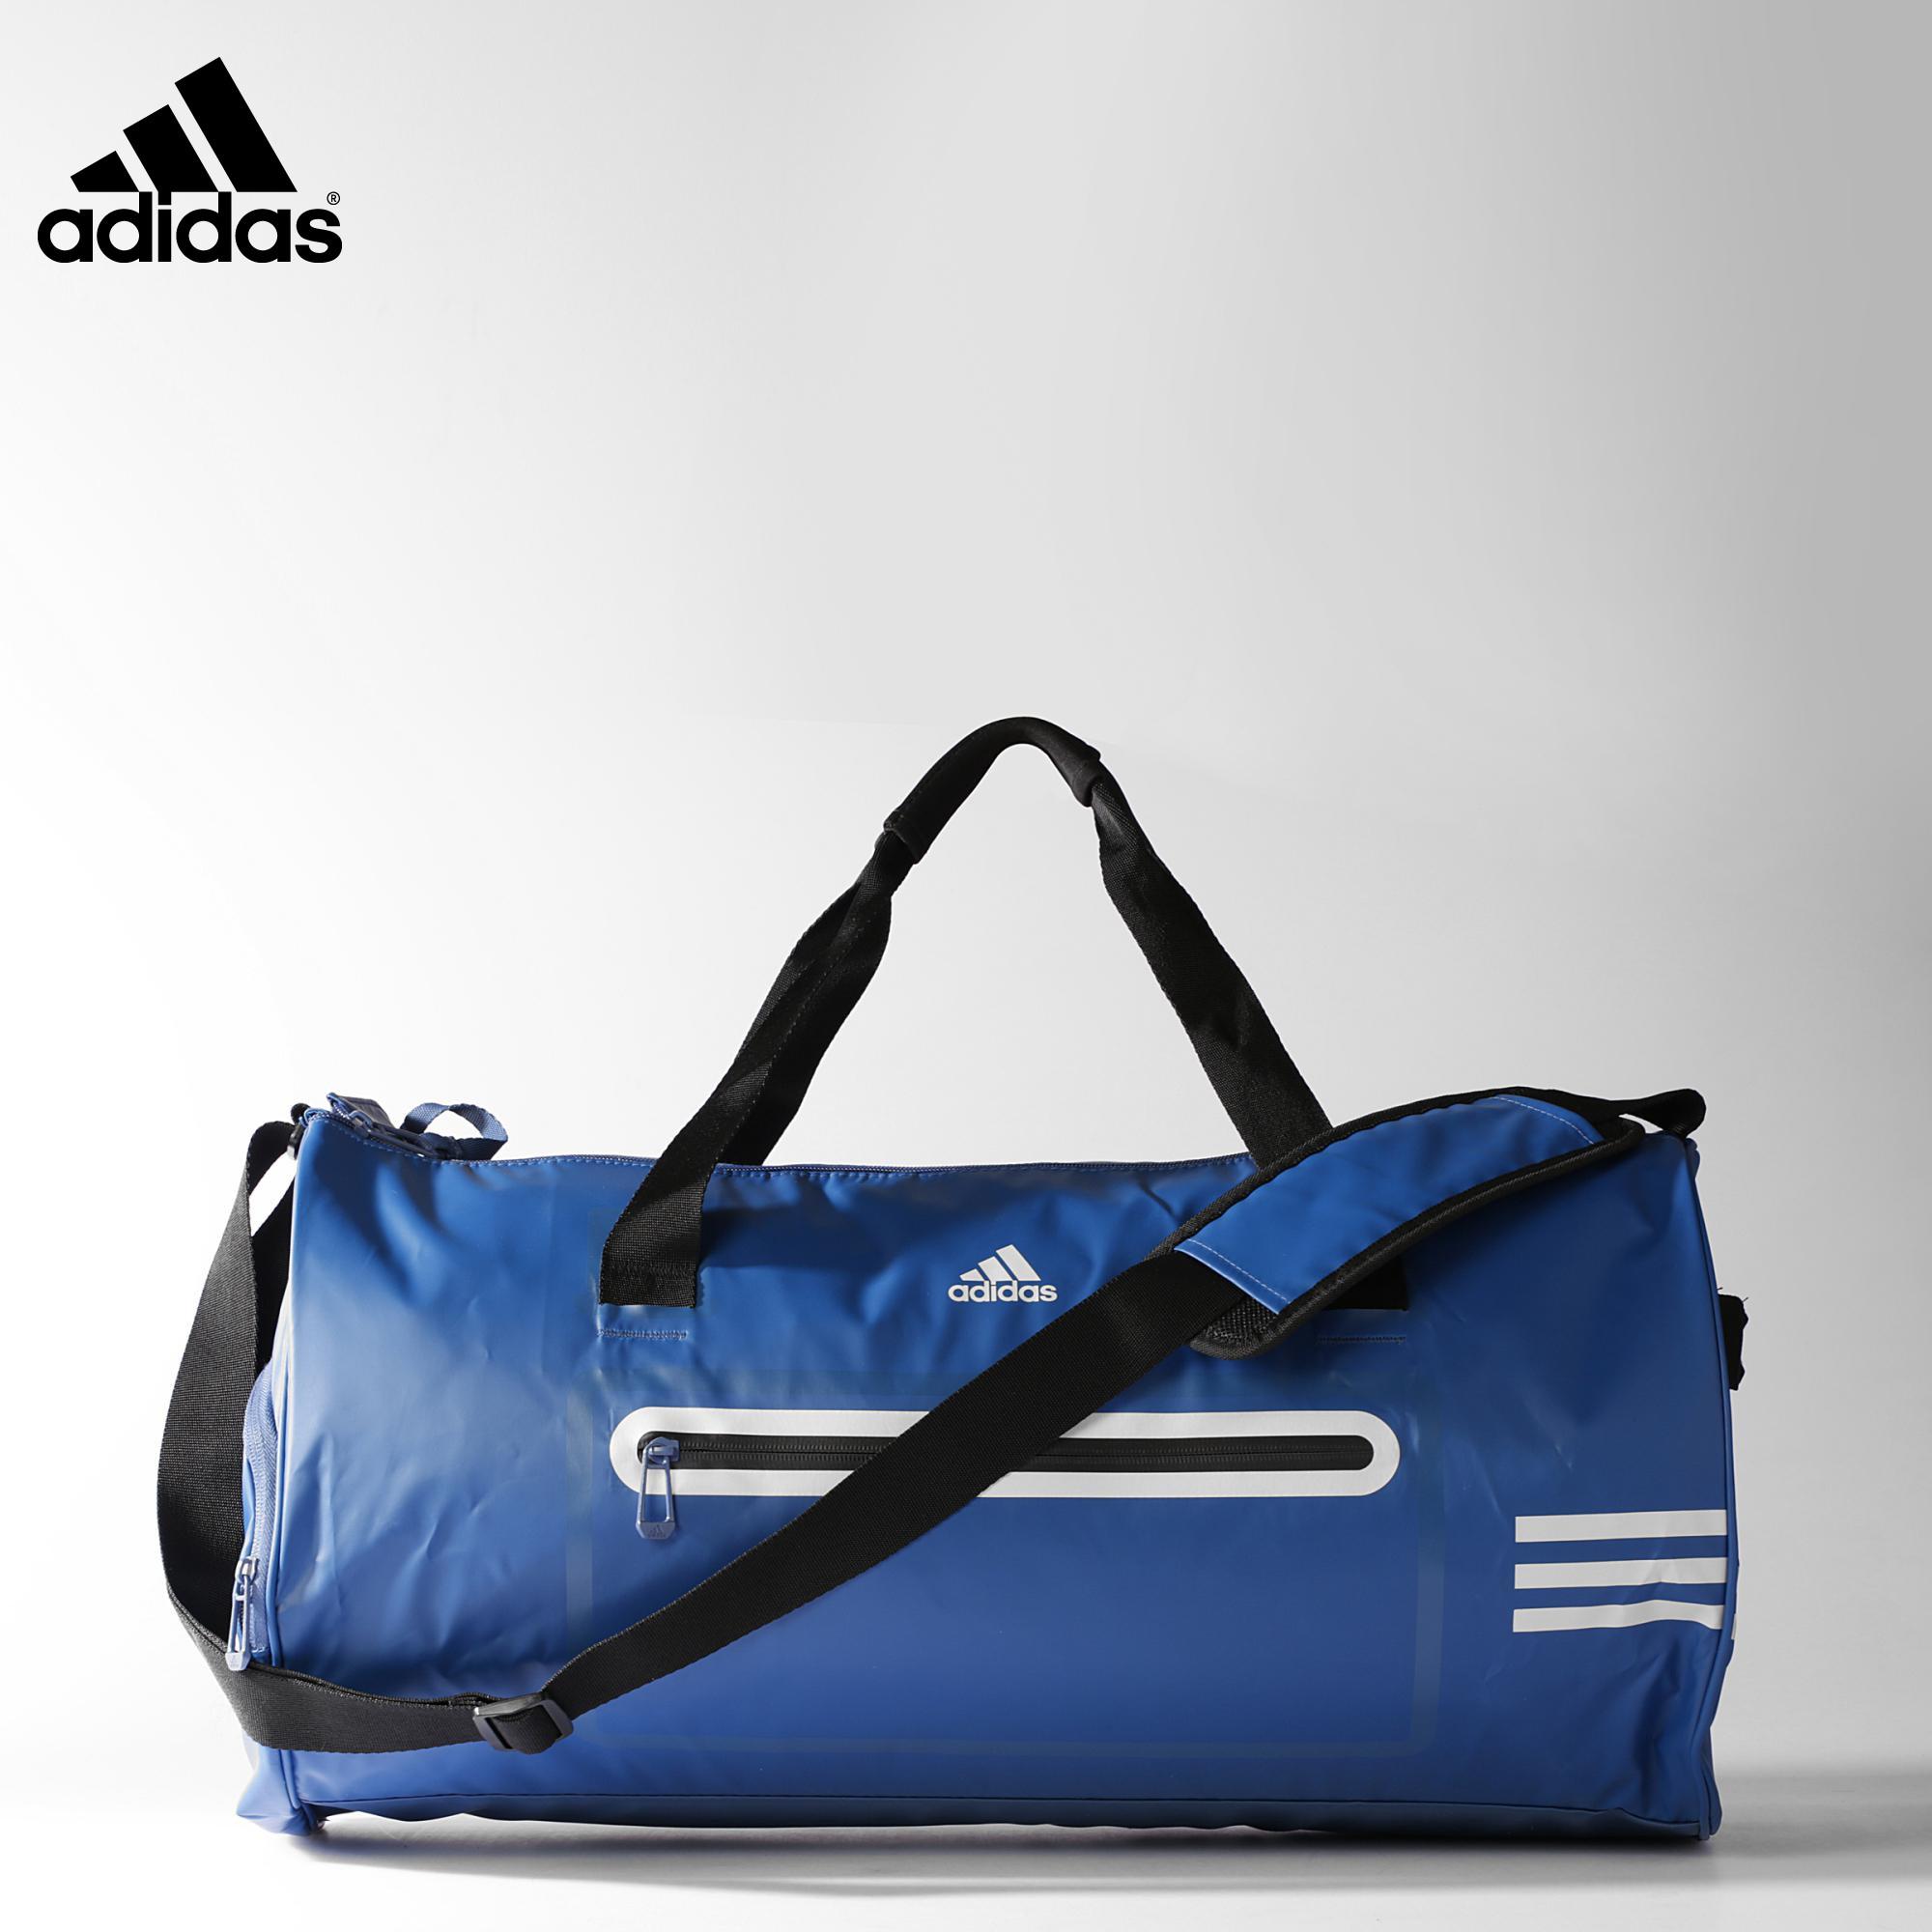 Adidas De Climacool Mediana Bolsa Hombre S18197 Zxqow08gnp Top XRqwx1B